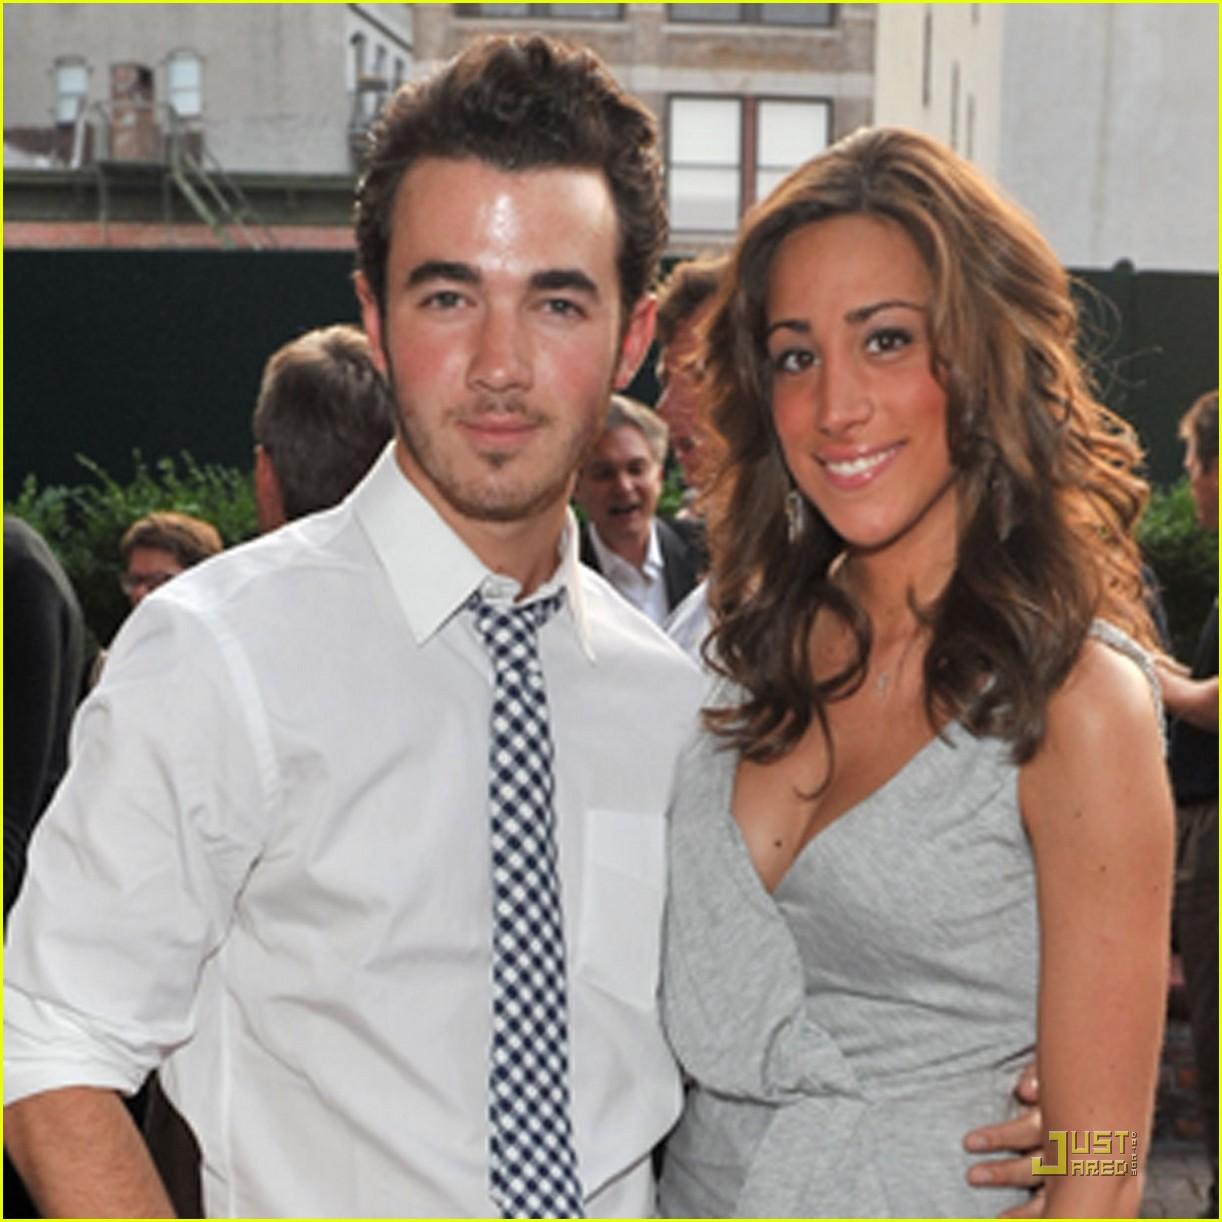 Joe Jonas Facts & Wiki